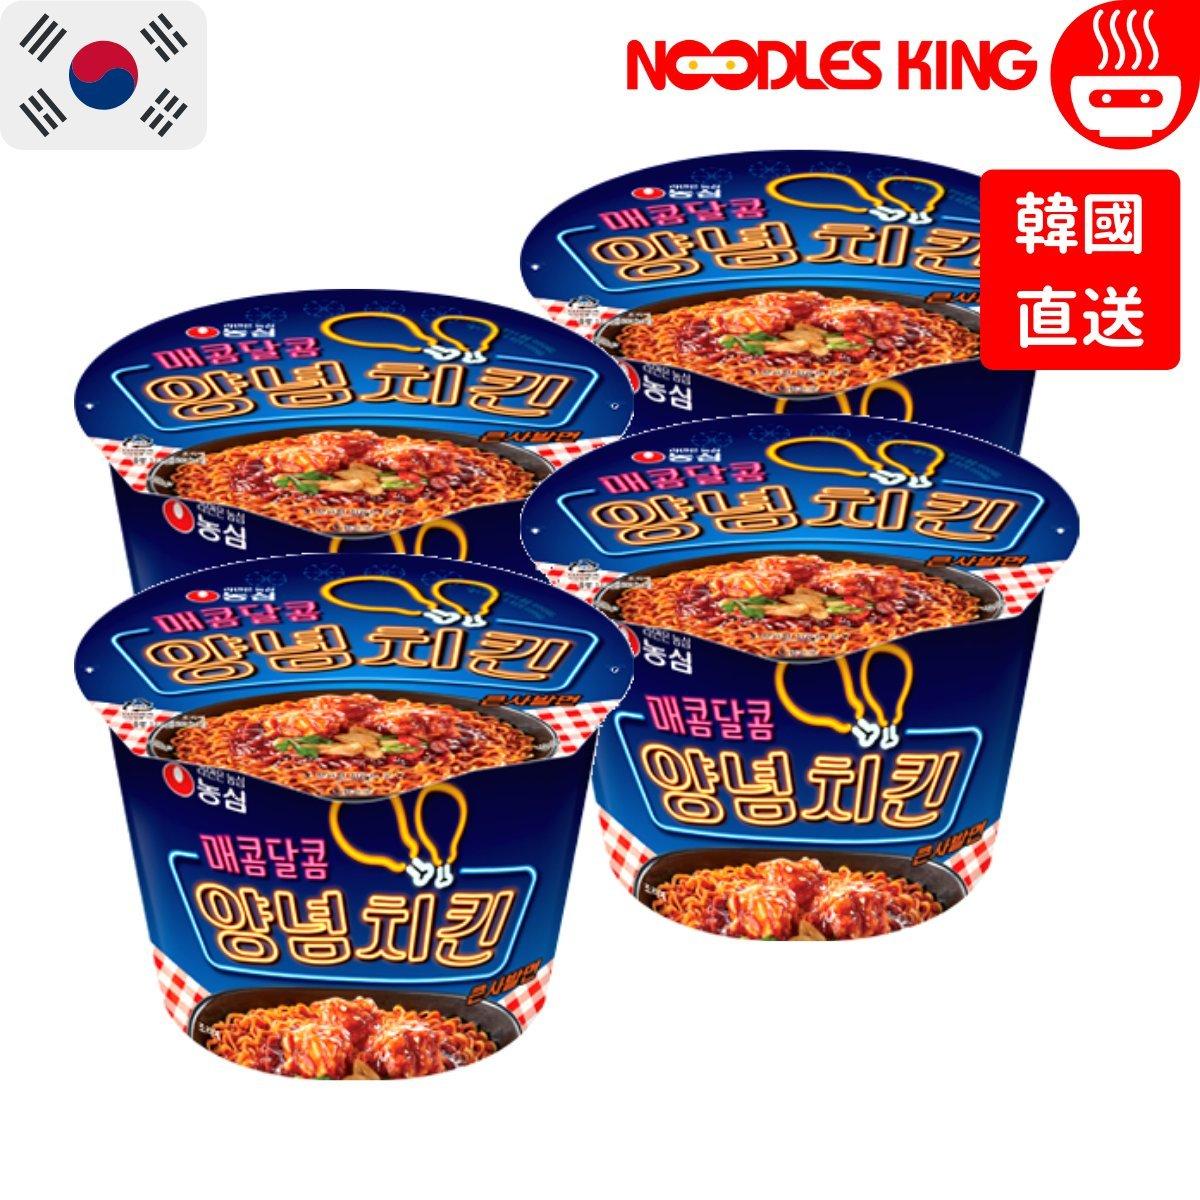 Spicy Chicken Noodle Bowl (Korea) 122g x 4